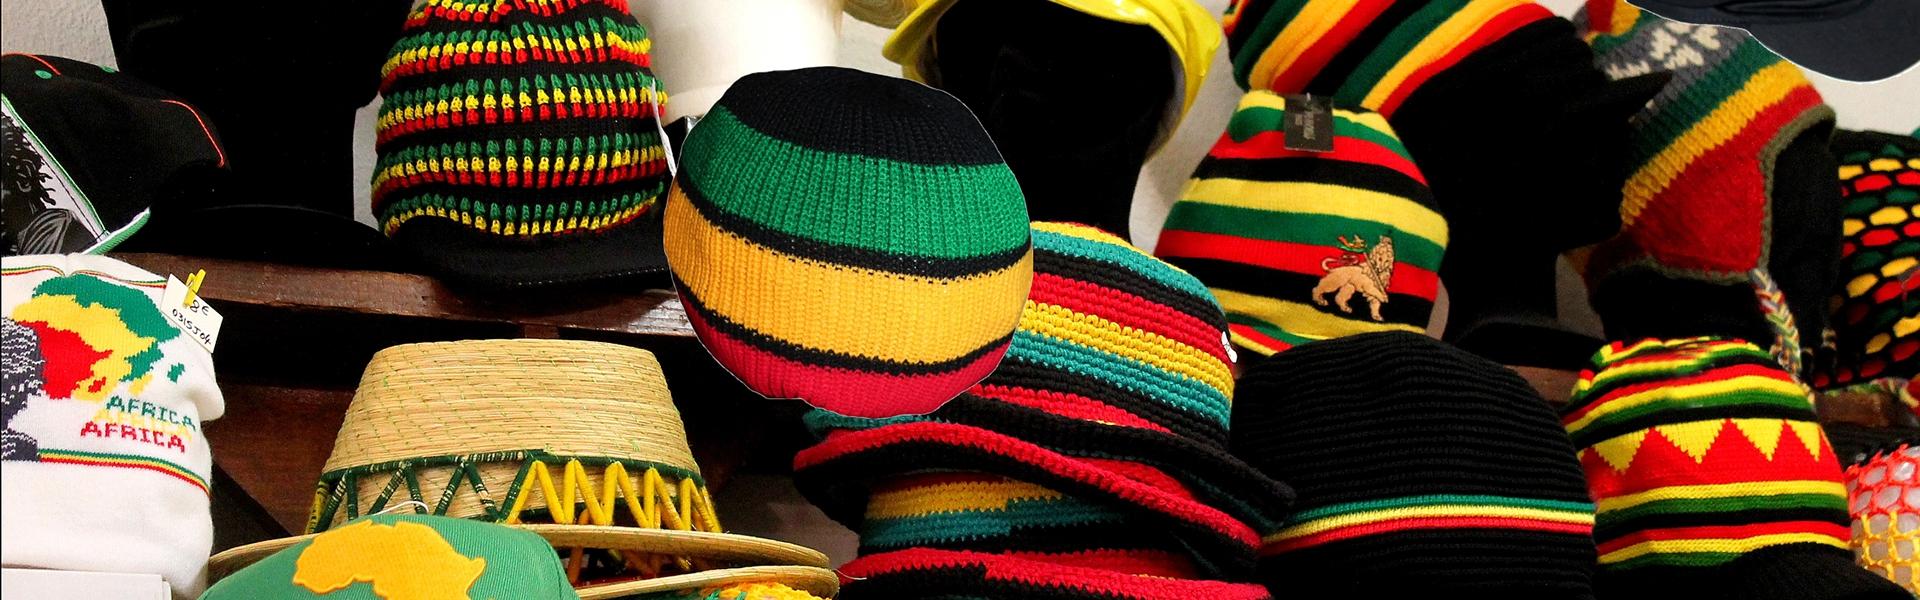 Chapeaux bonnets casquettes rasta